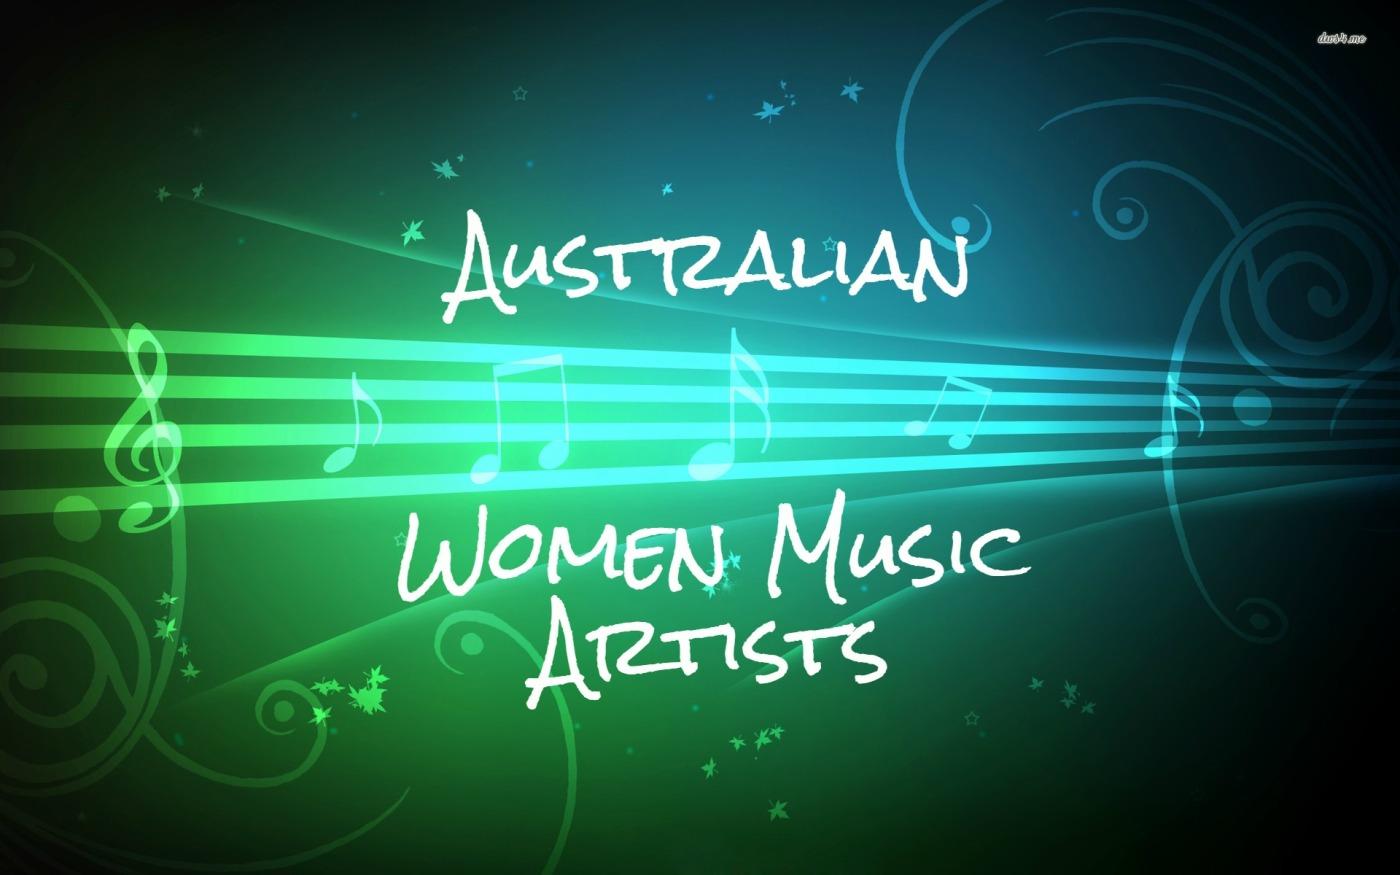 Australian Women-Music Artists